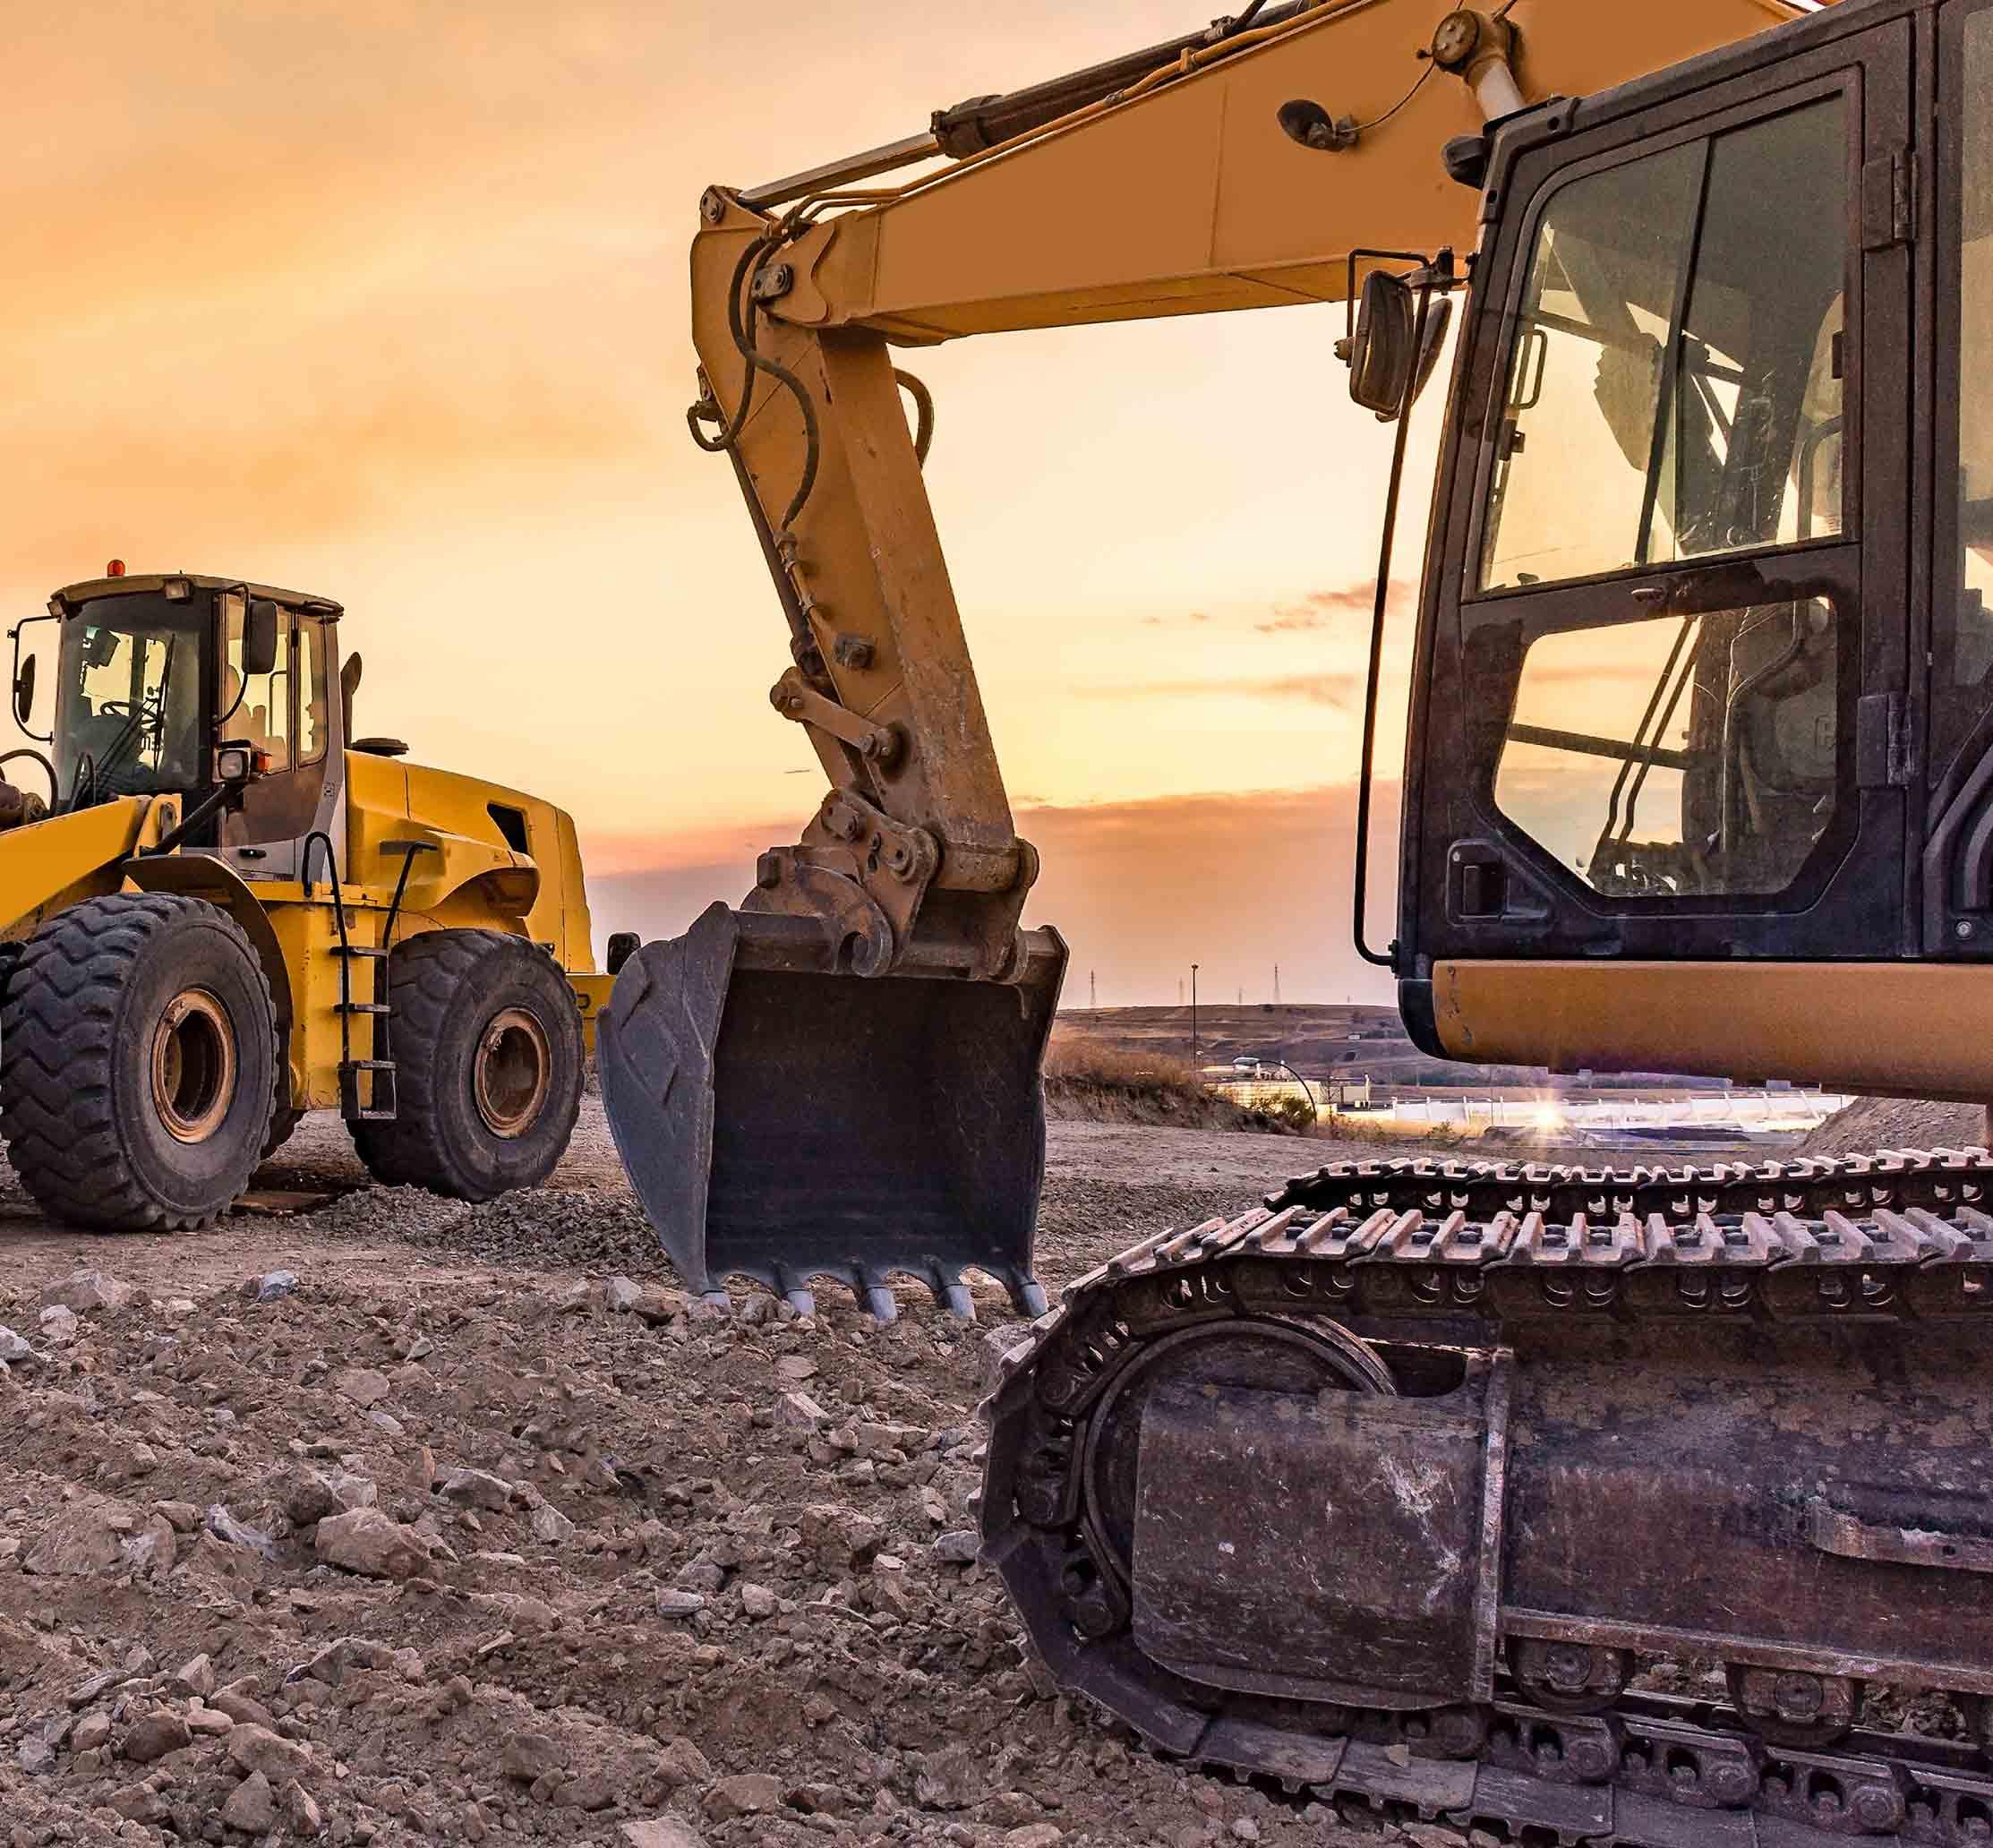 excavators on a construction site